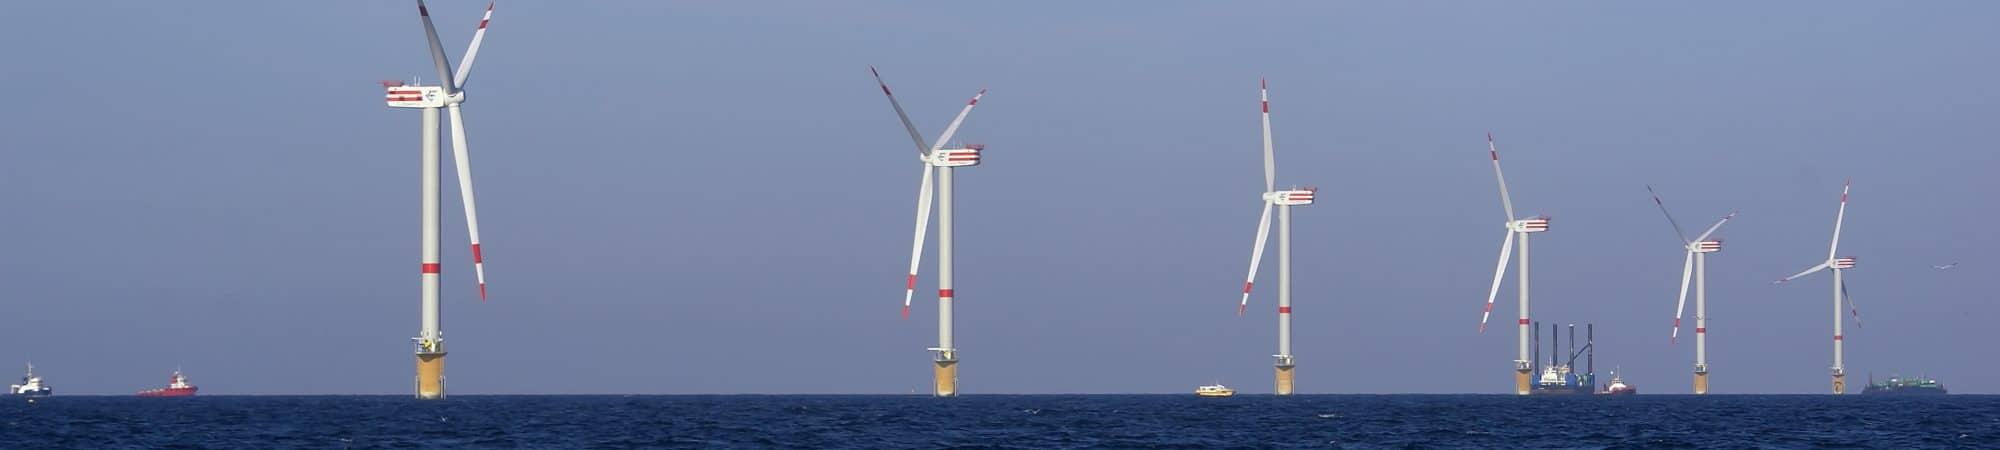 Windfarm-2000x450